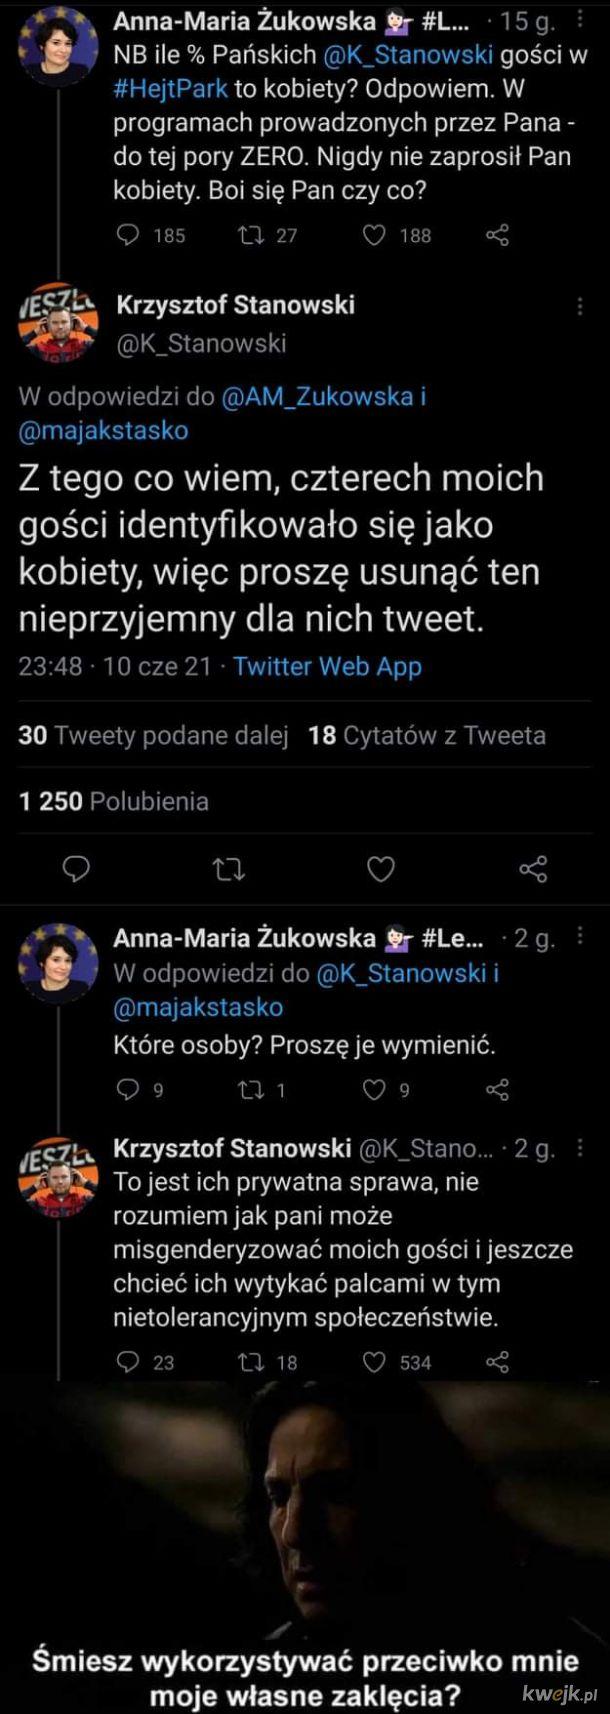 Goście Stanowskiego